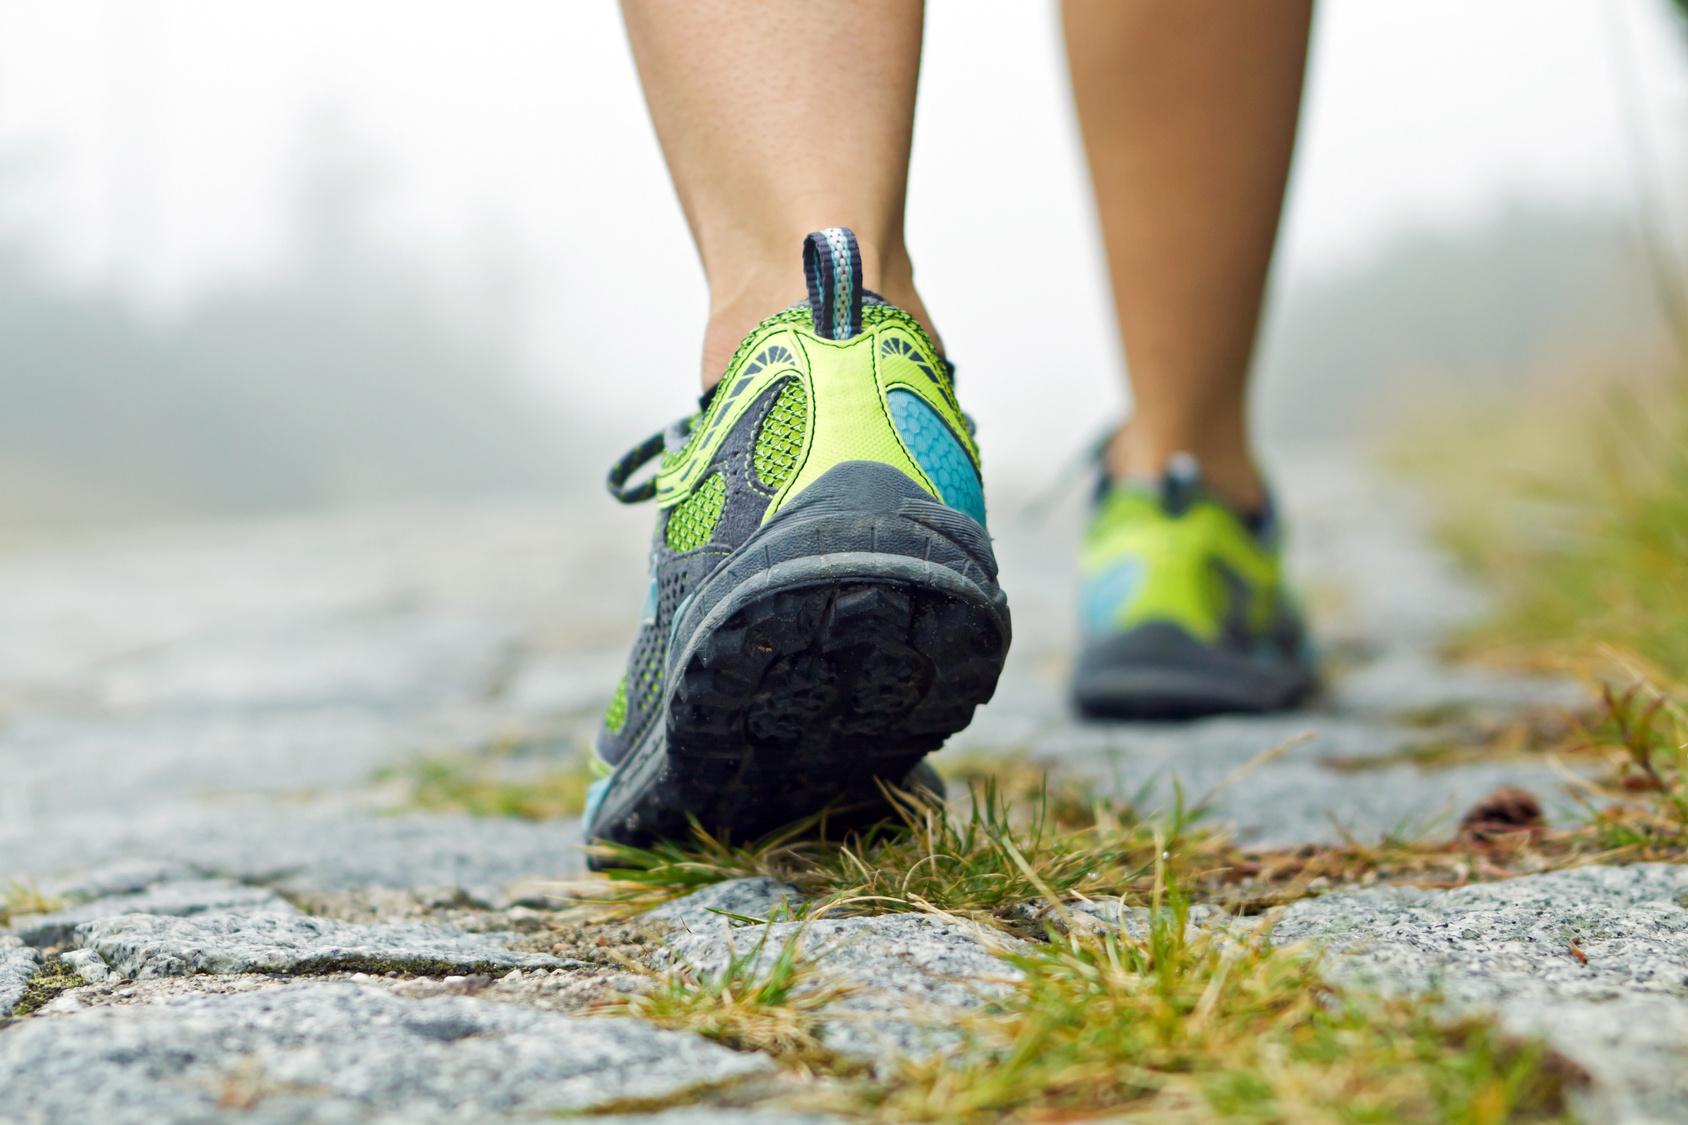 Μπορώ να τρέχω χωρίς κάλτσες;